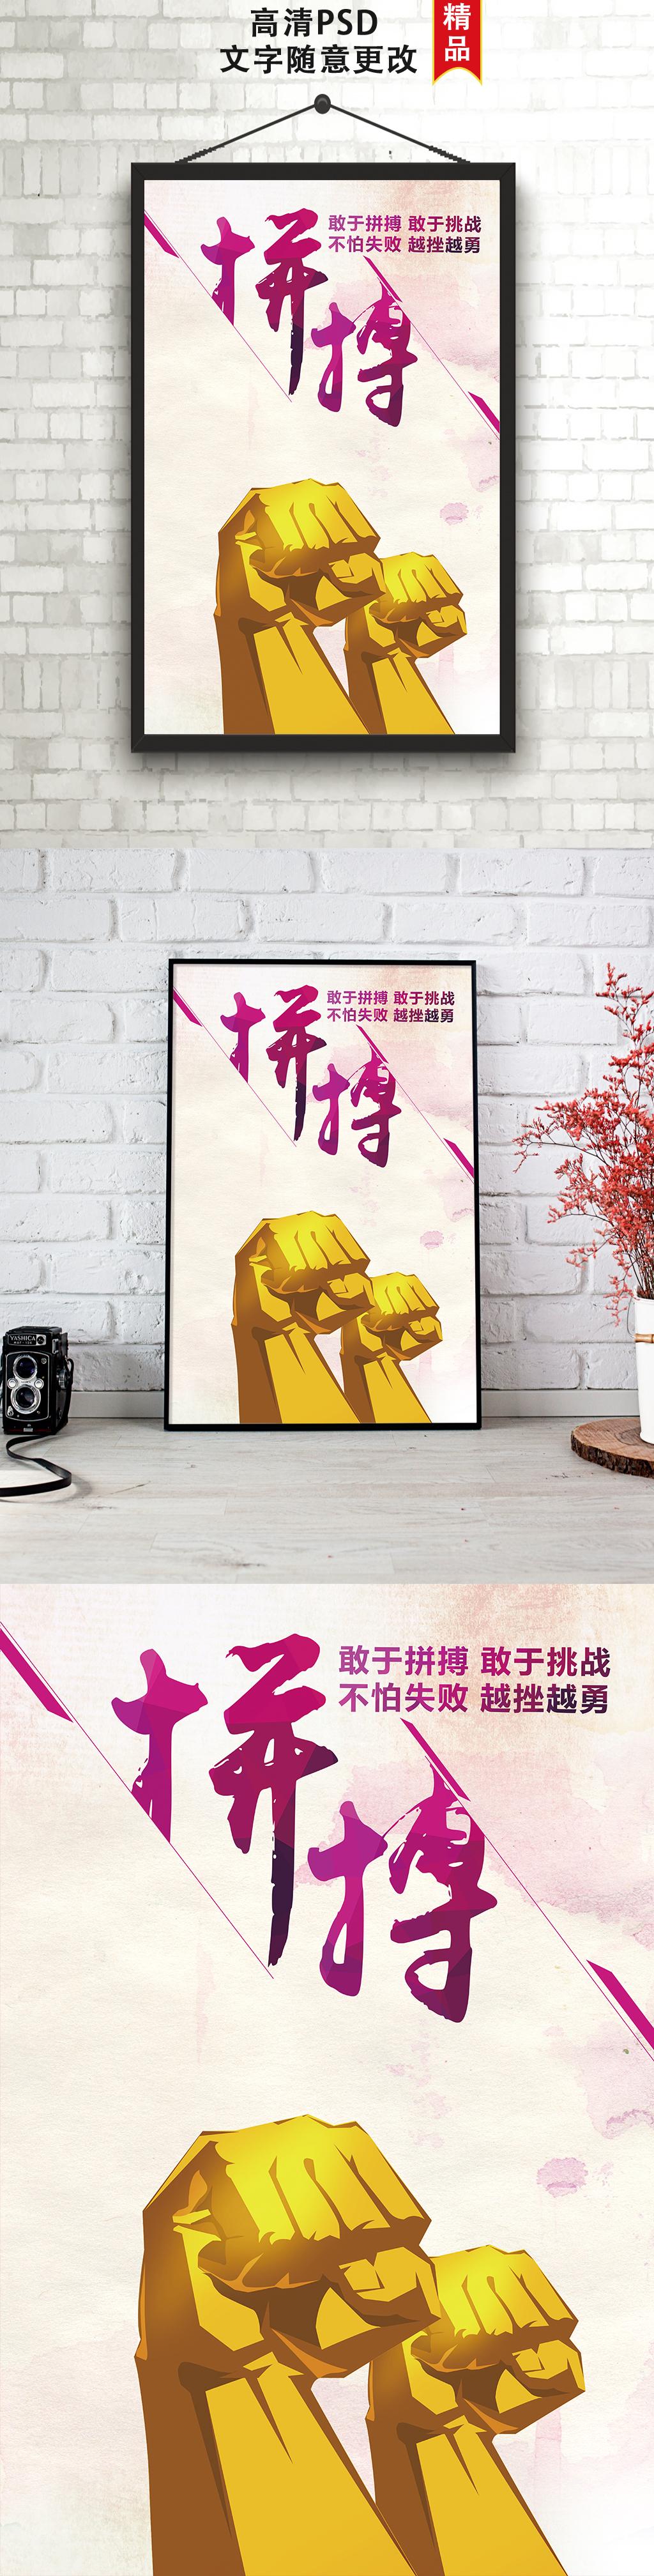 企业文化励志标语拼搏创意海报